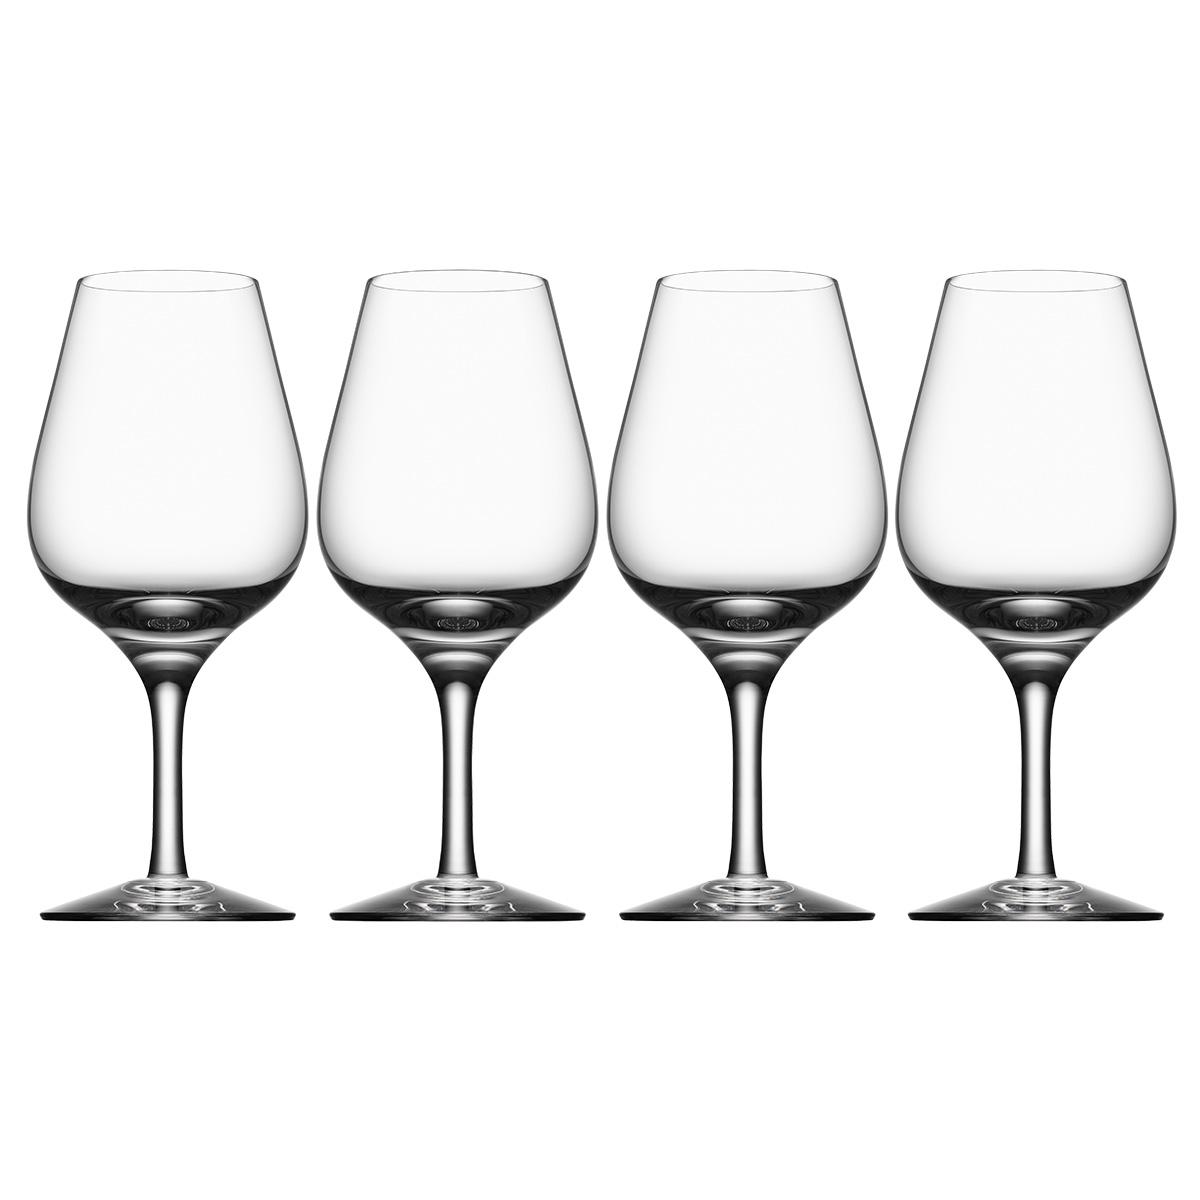 Billede af Orrefors cognacglas - More Spirits - 4 stk.